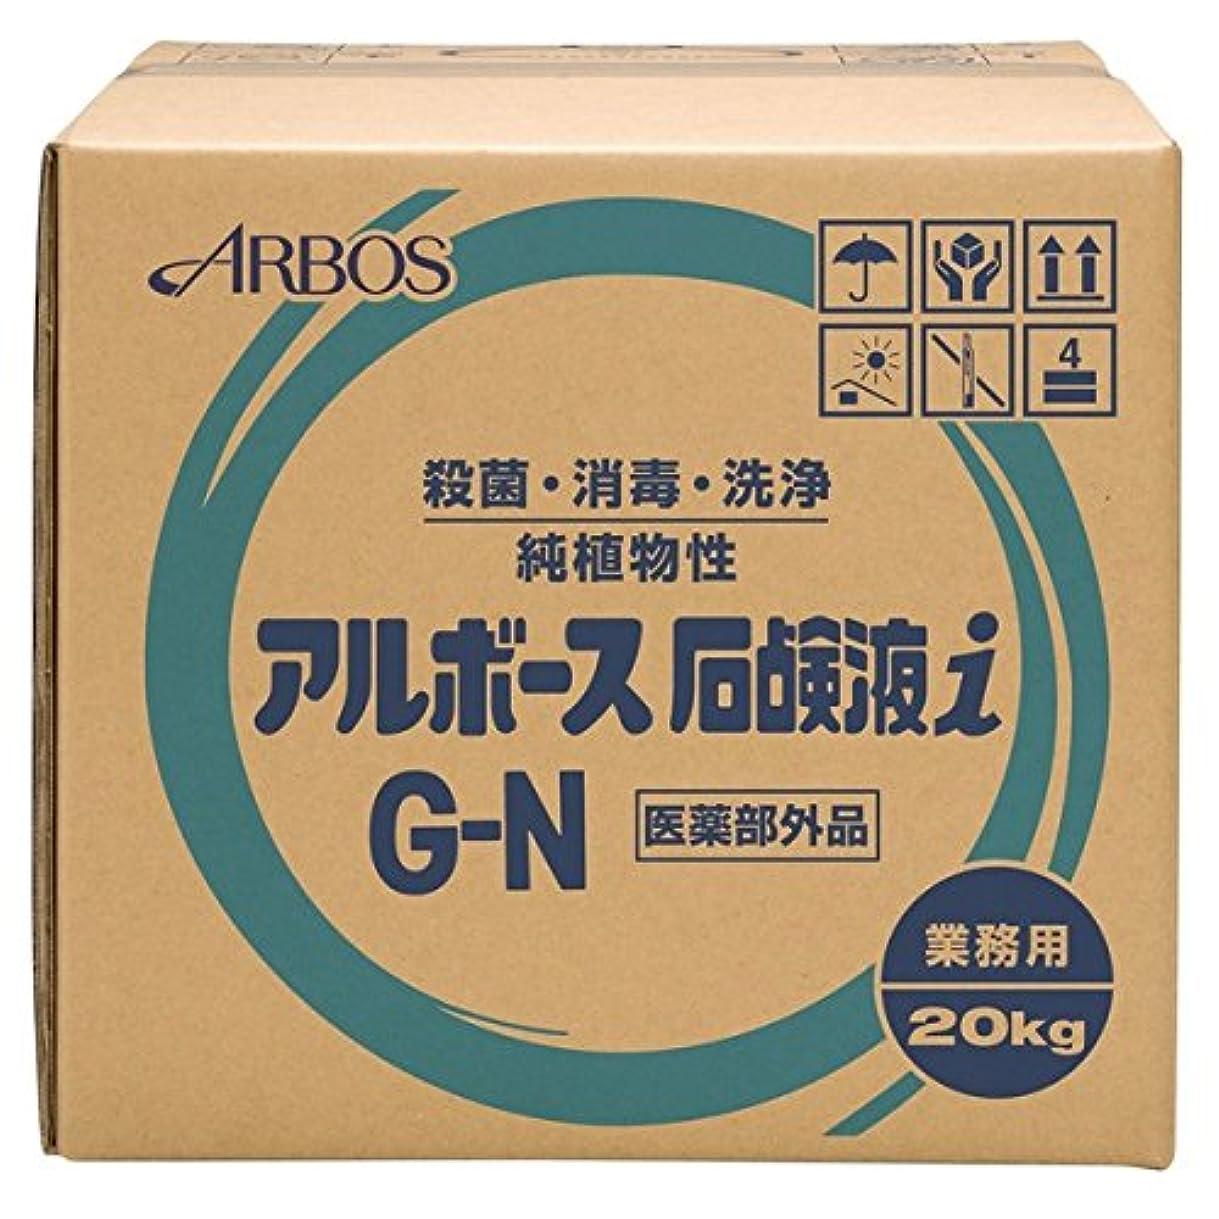 圧縮百年電話に出るアルボース 薬用ハンドソープ アルボース石鹸液i G-N 濃縮タイプ 20kg